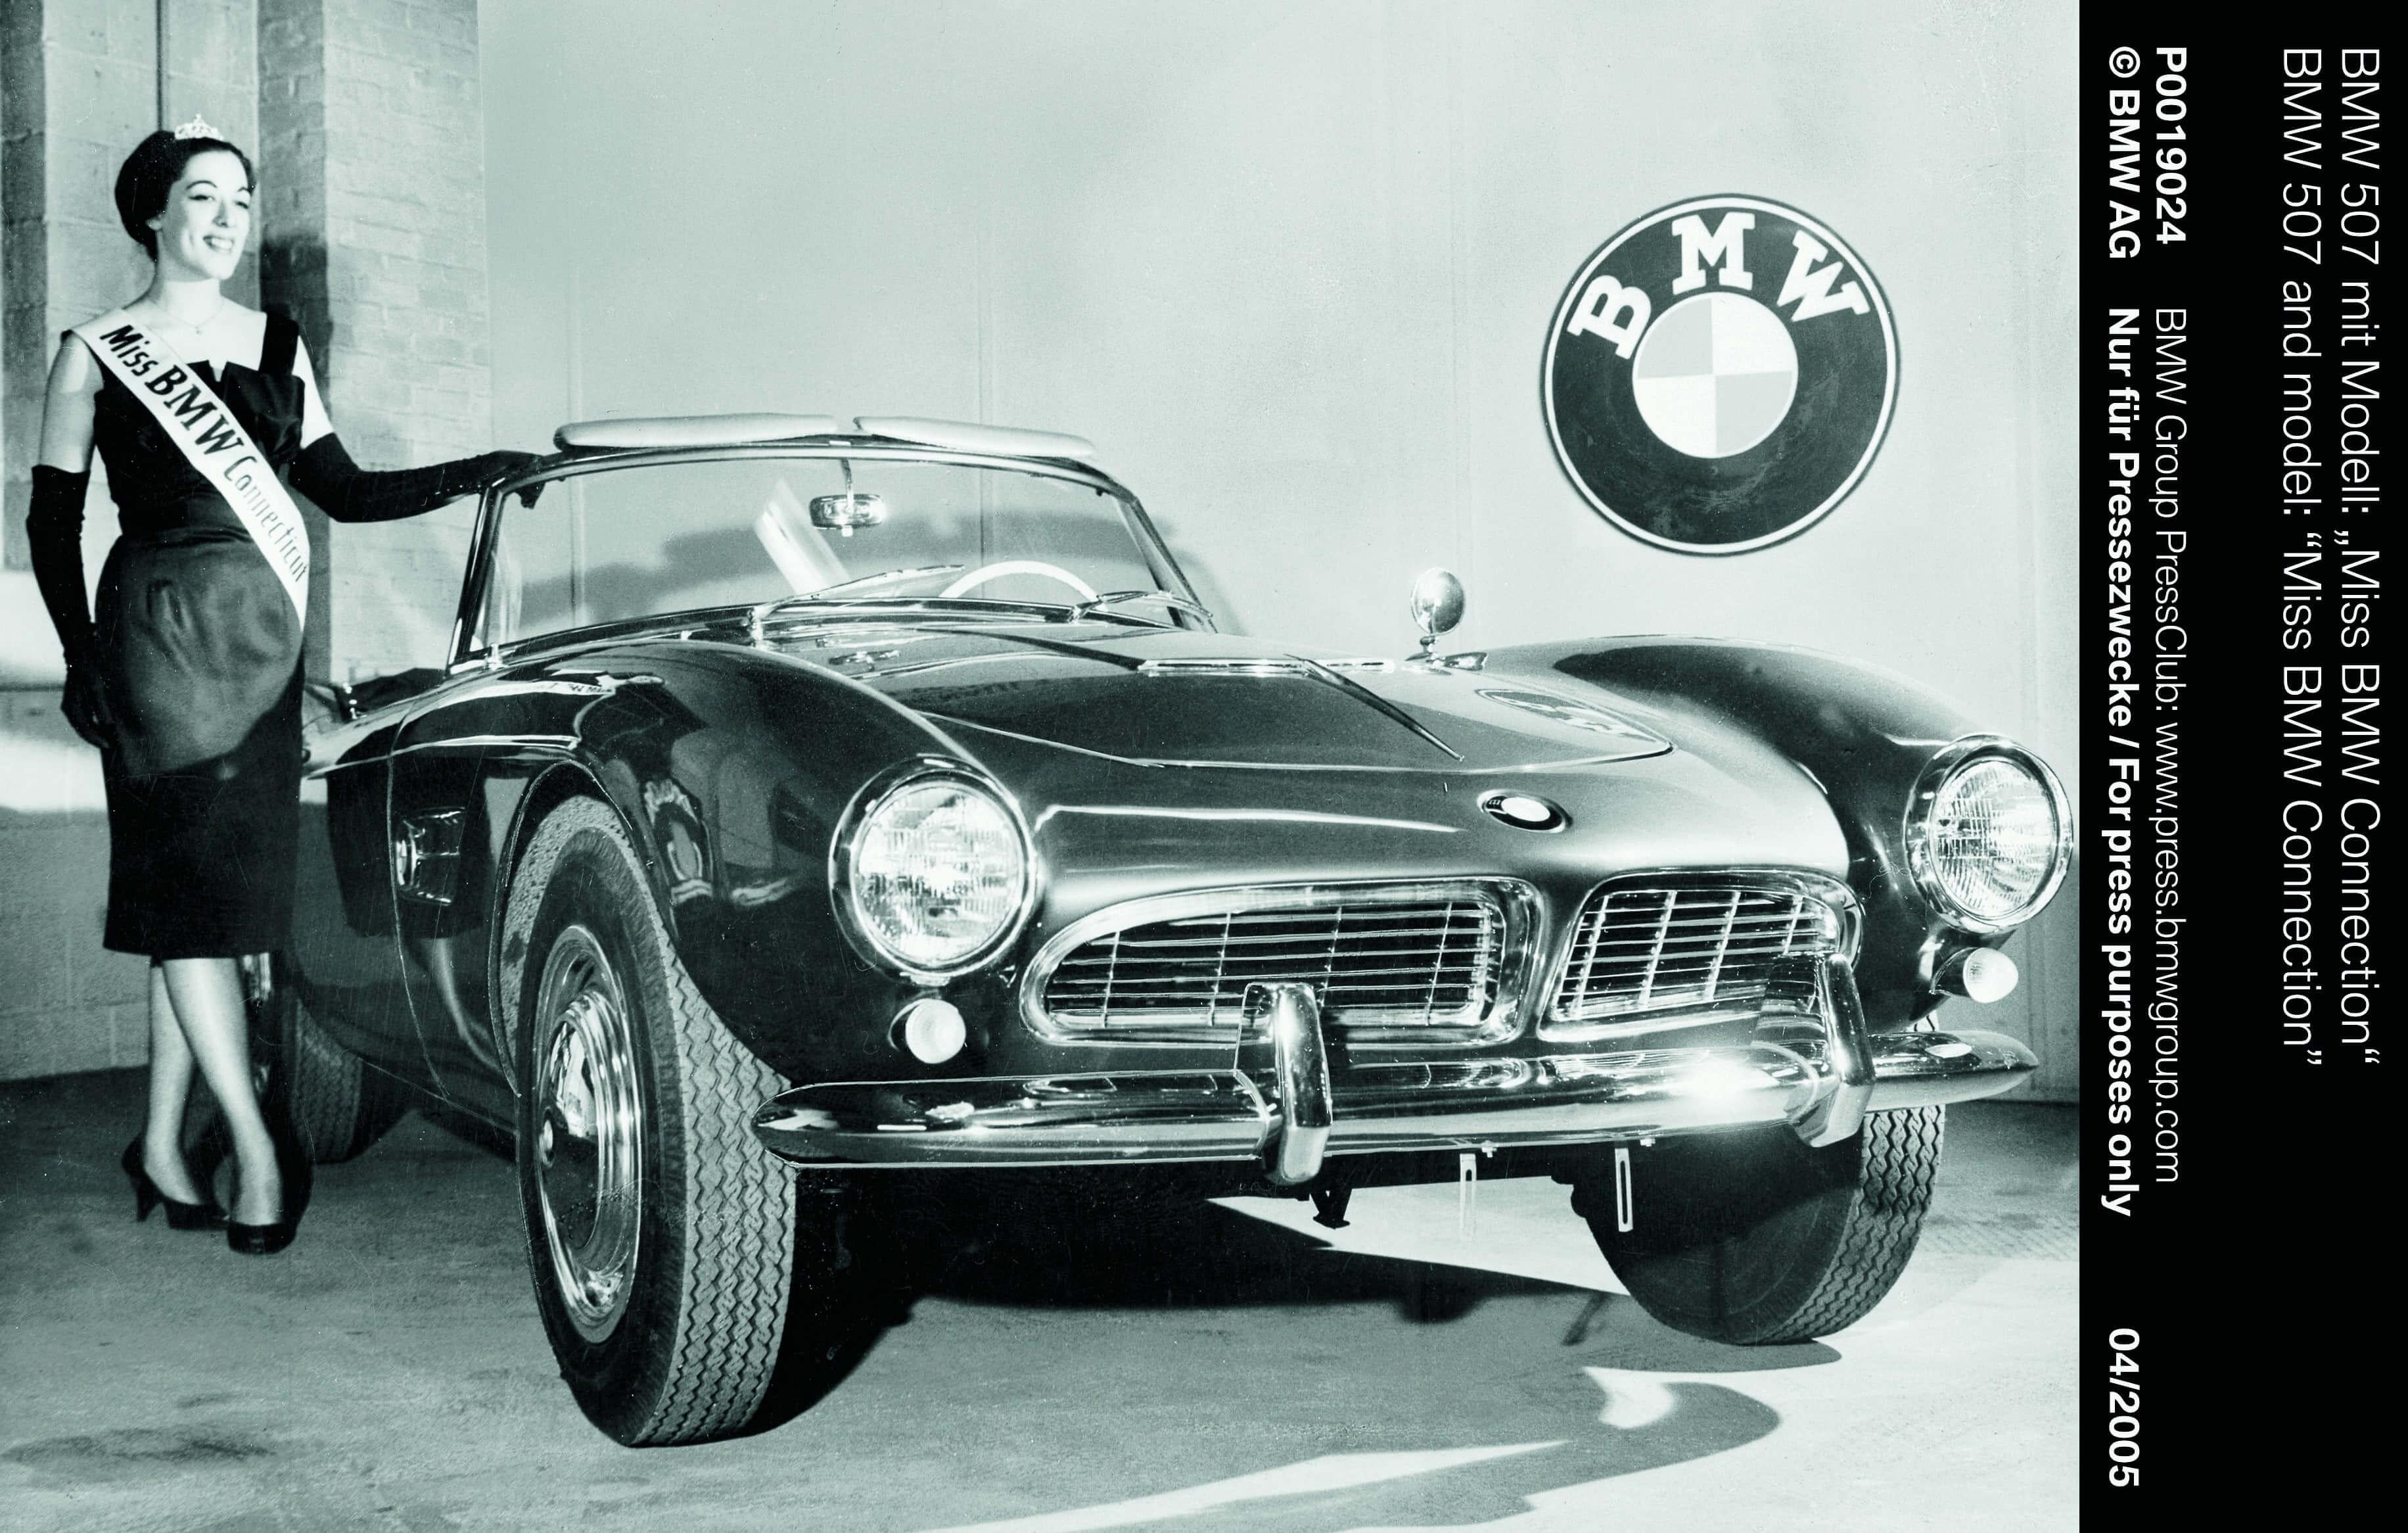 BMW Geschiedenis 100 jaar